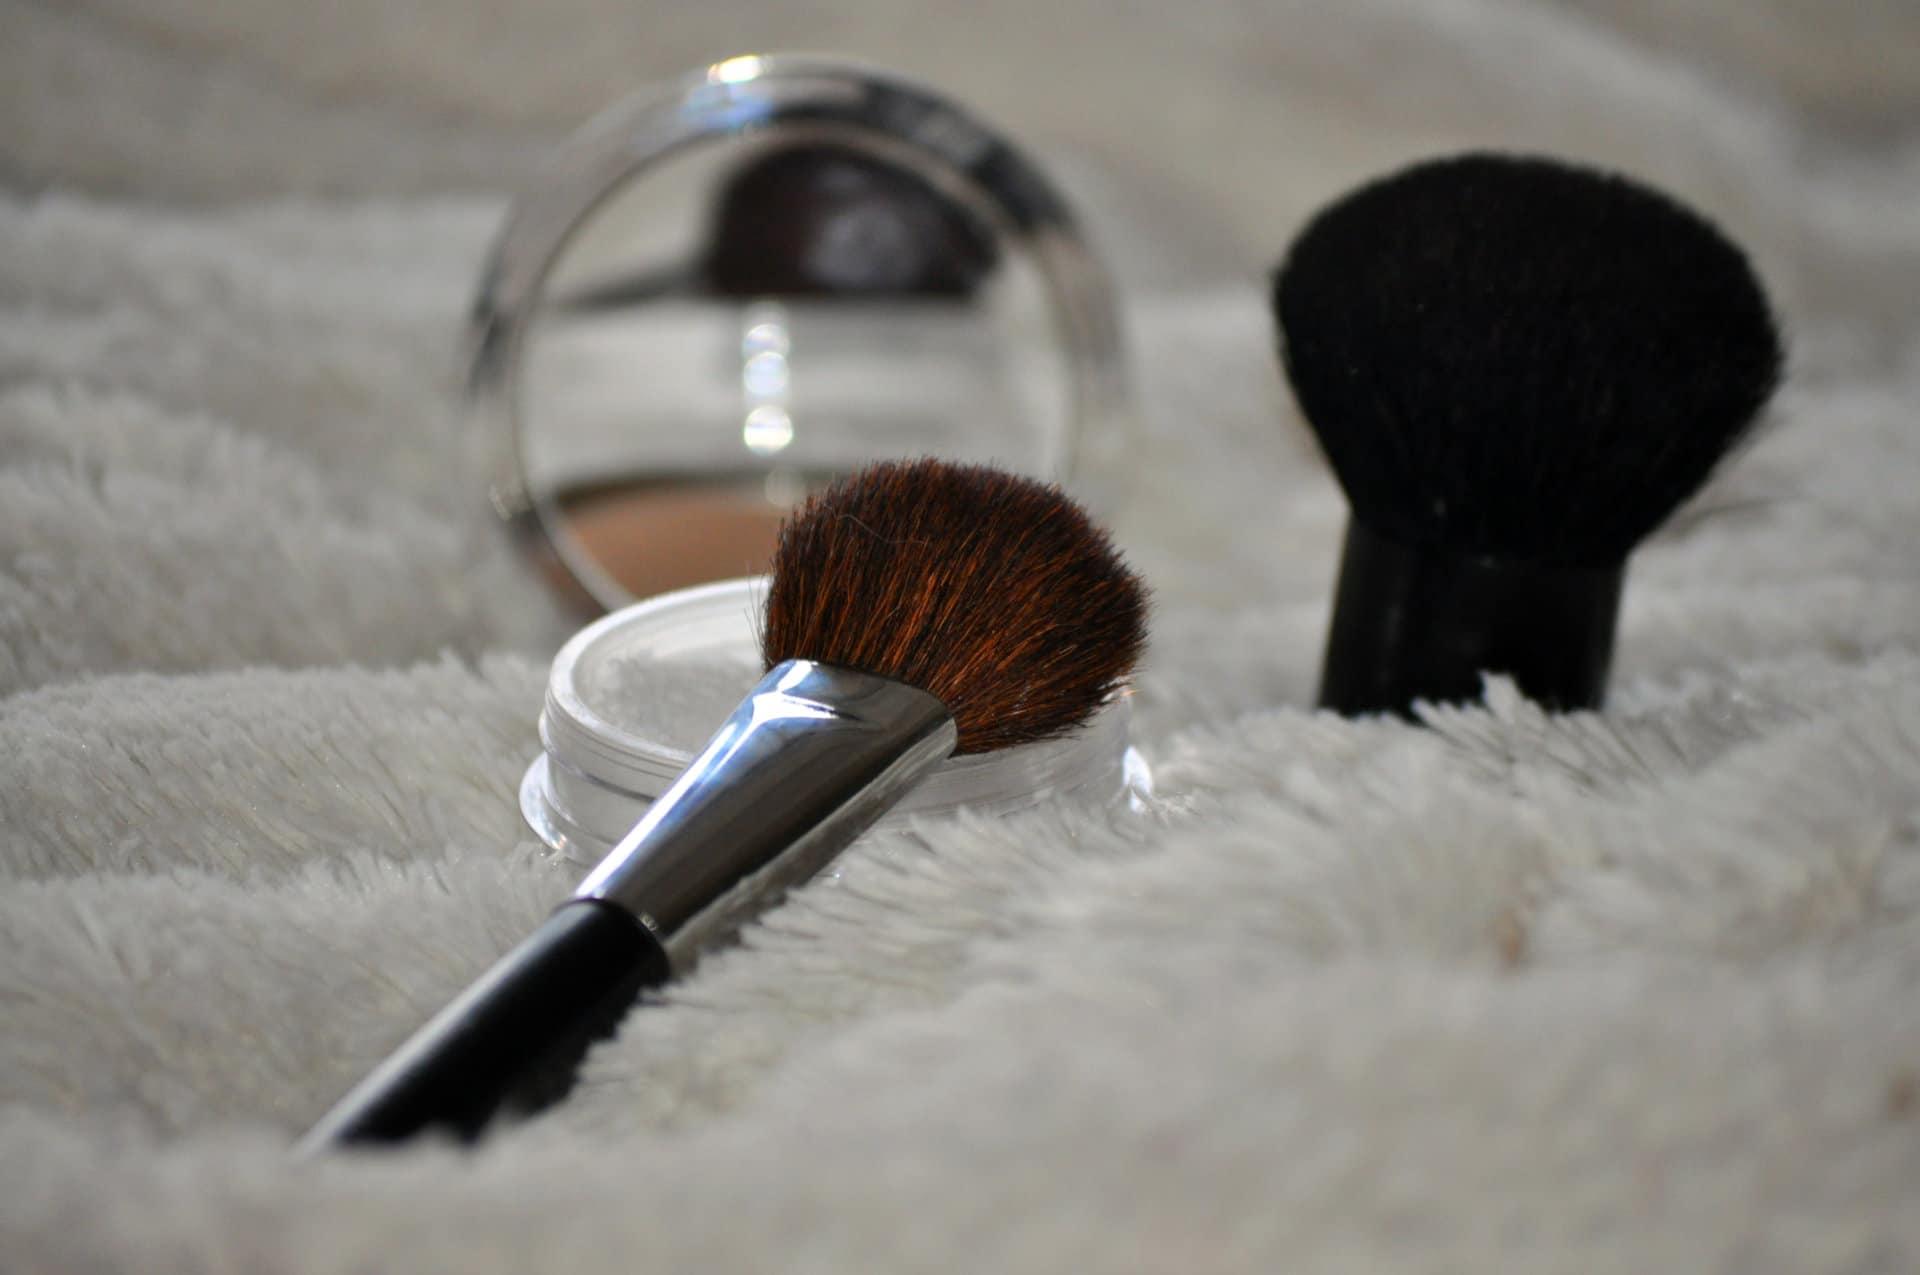 Les poudes libres - Base du maquillage - Mon peau de crème